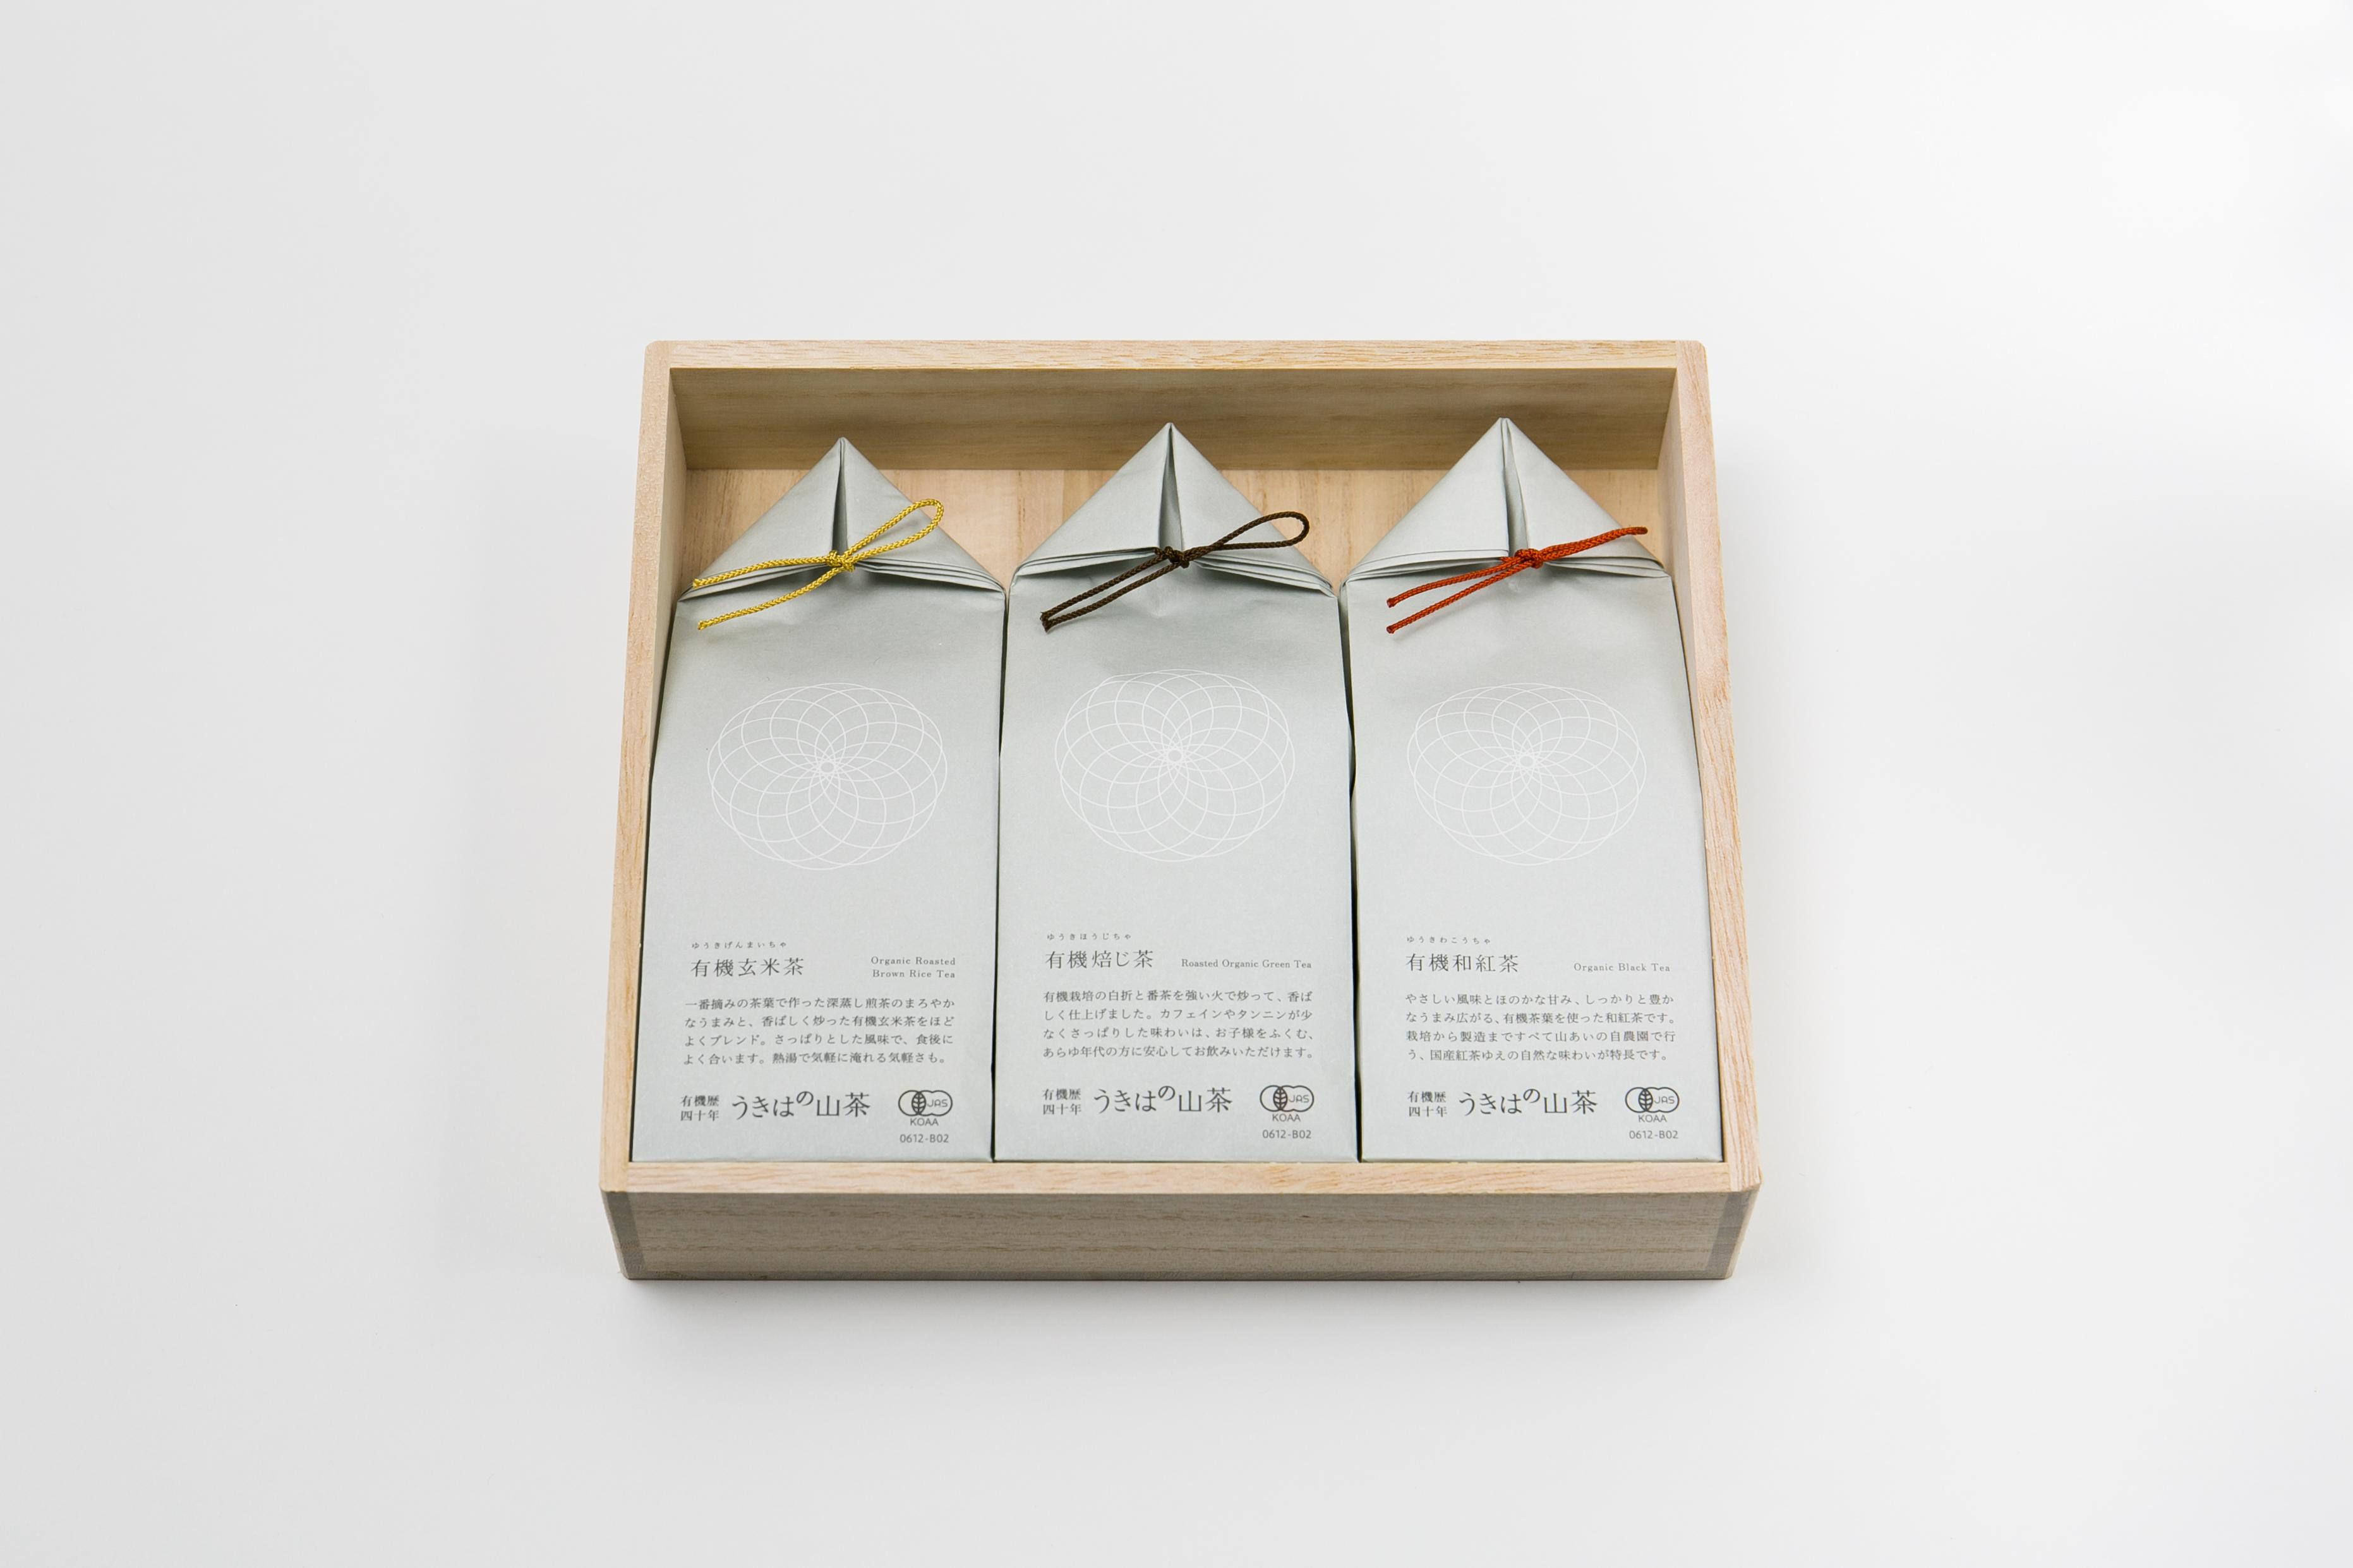 うきはの山茶 3本入 桐箱 GFT3-3 商品イメージ1